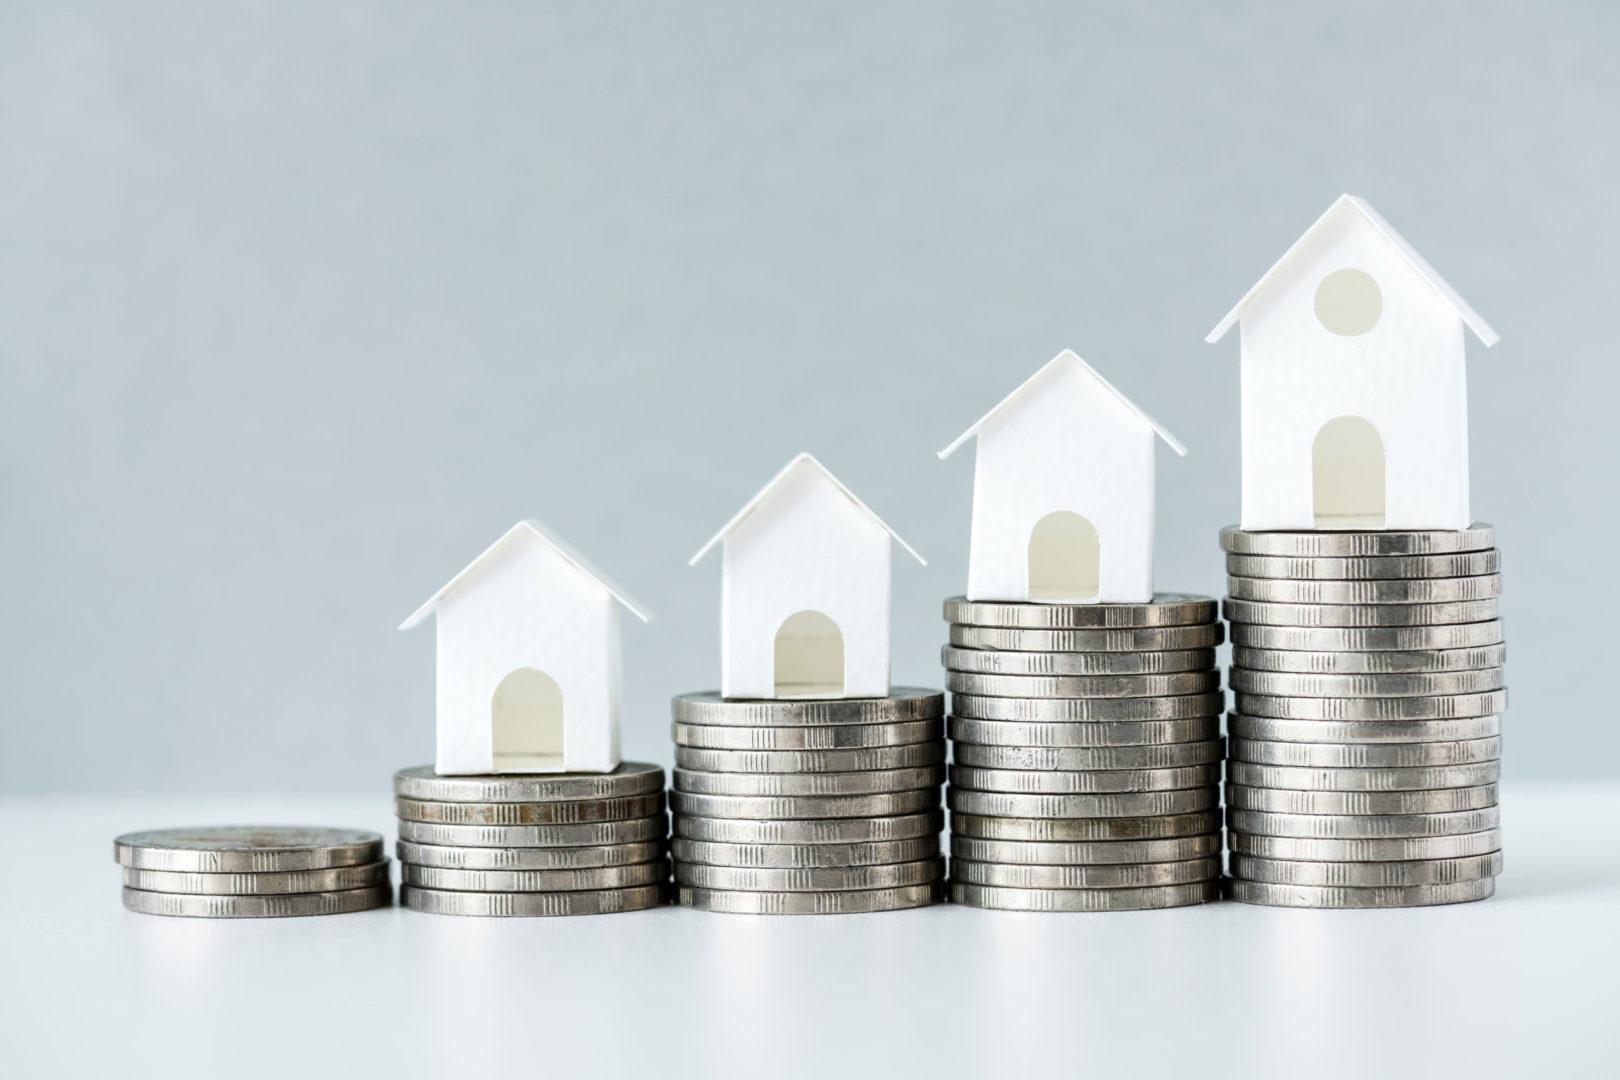 Pillar Homes Dropping Florida Mortgage Rates